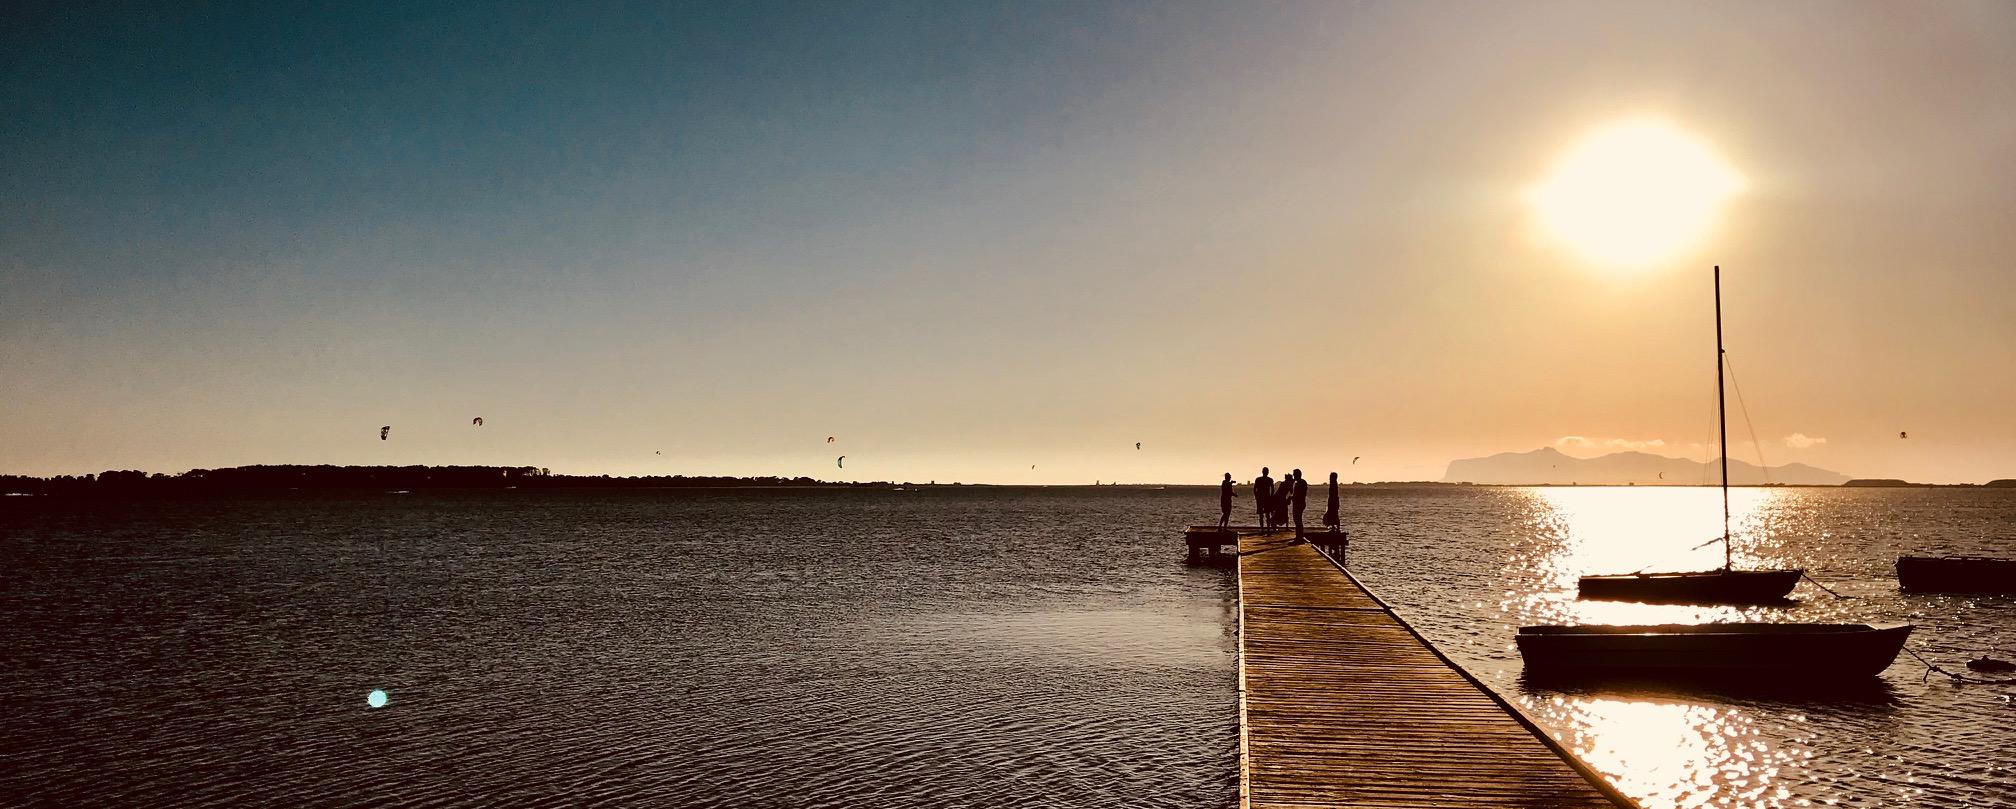 couché de soleil kitesurf sicile, kite a lo stagnone sunset, école de kitesurf kitelab